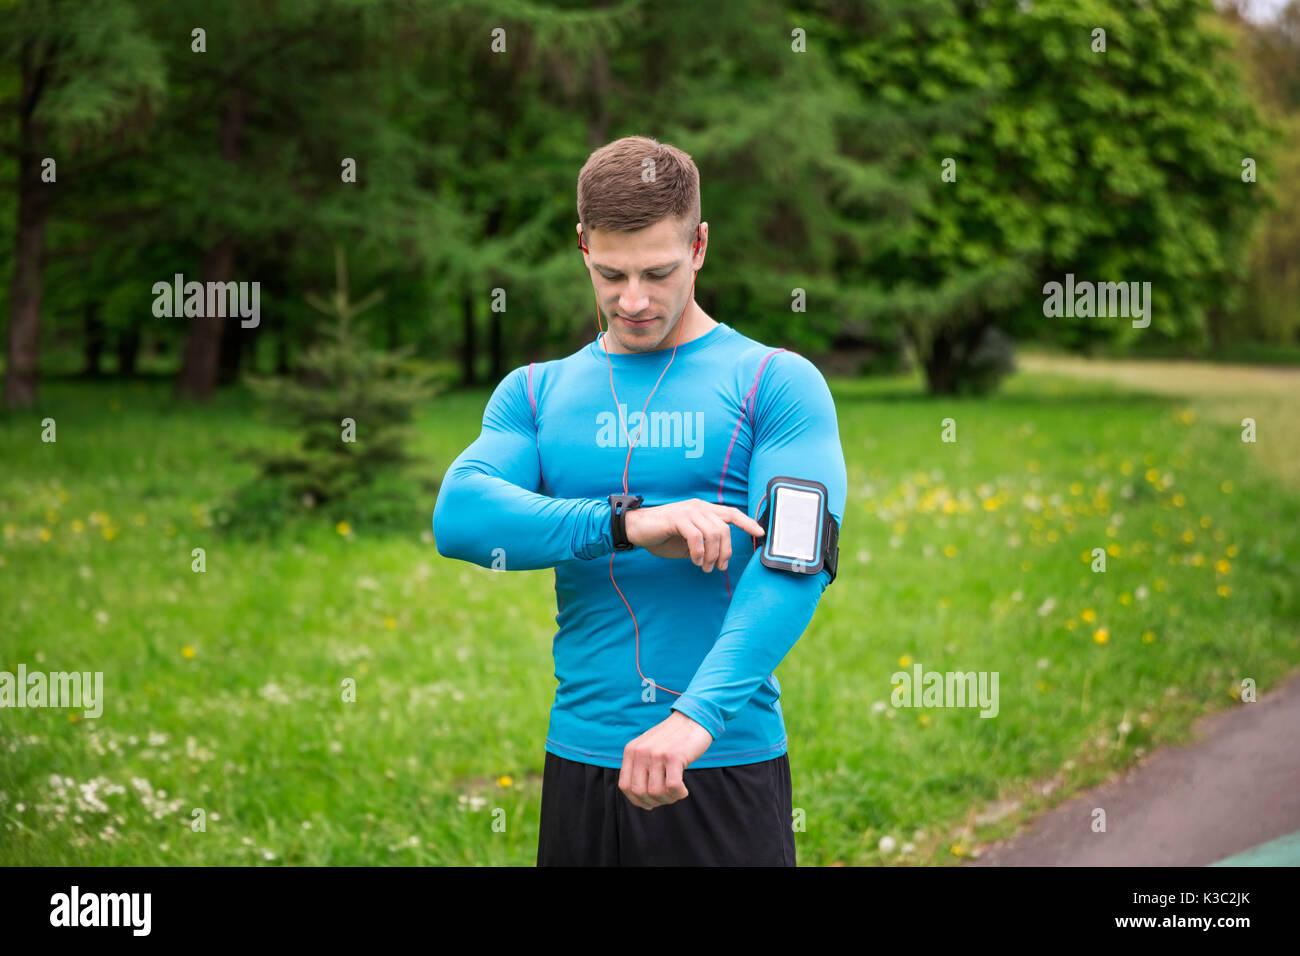 Una foto di giovani, ben costruito uomo controllando il suo tempo durante il jogging. Immagini Stock